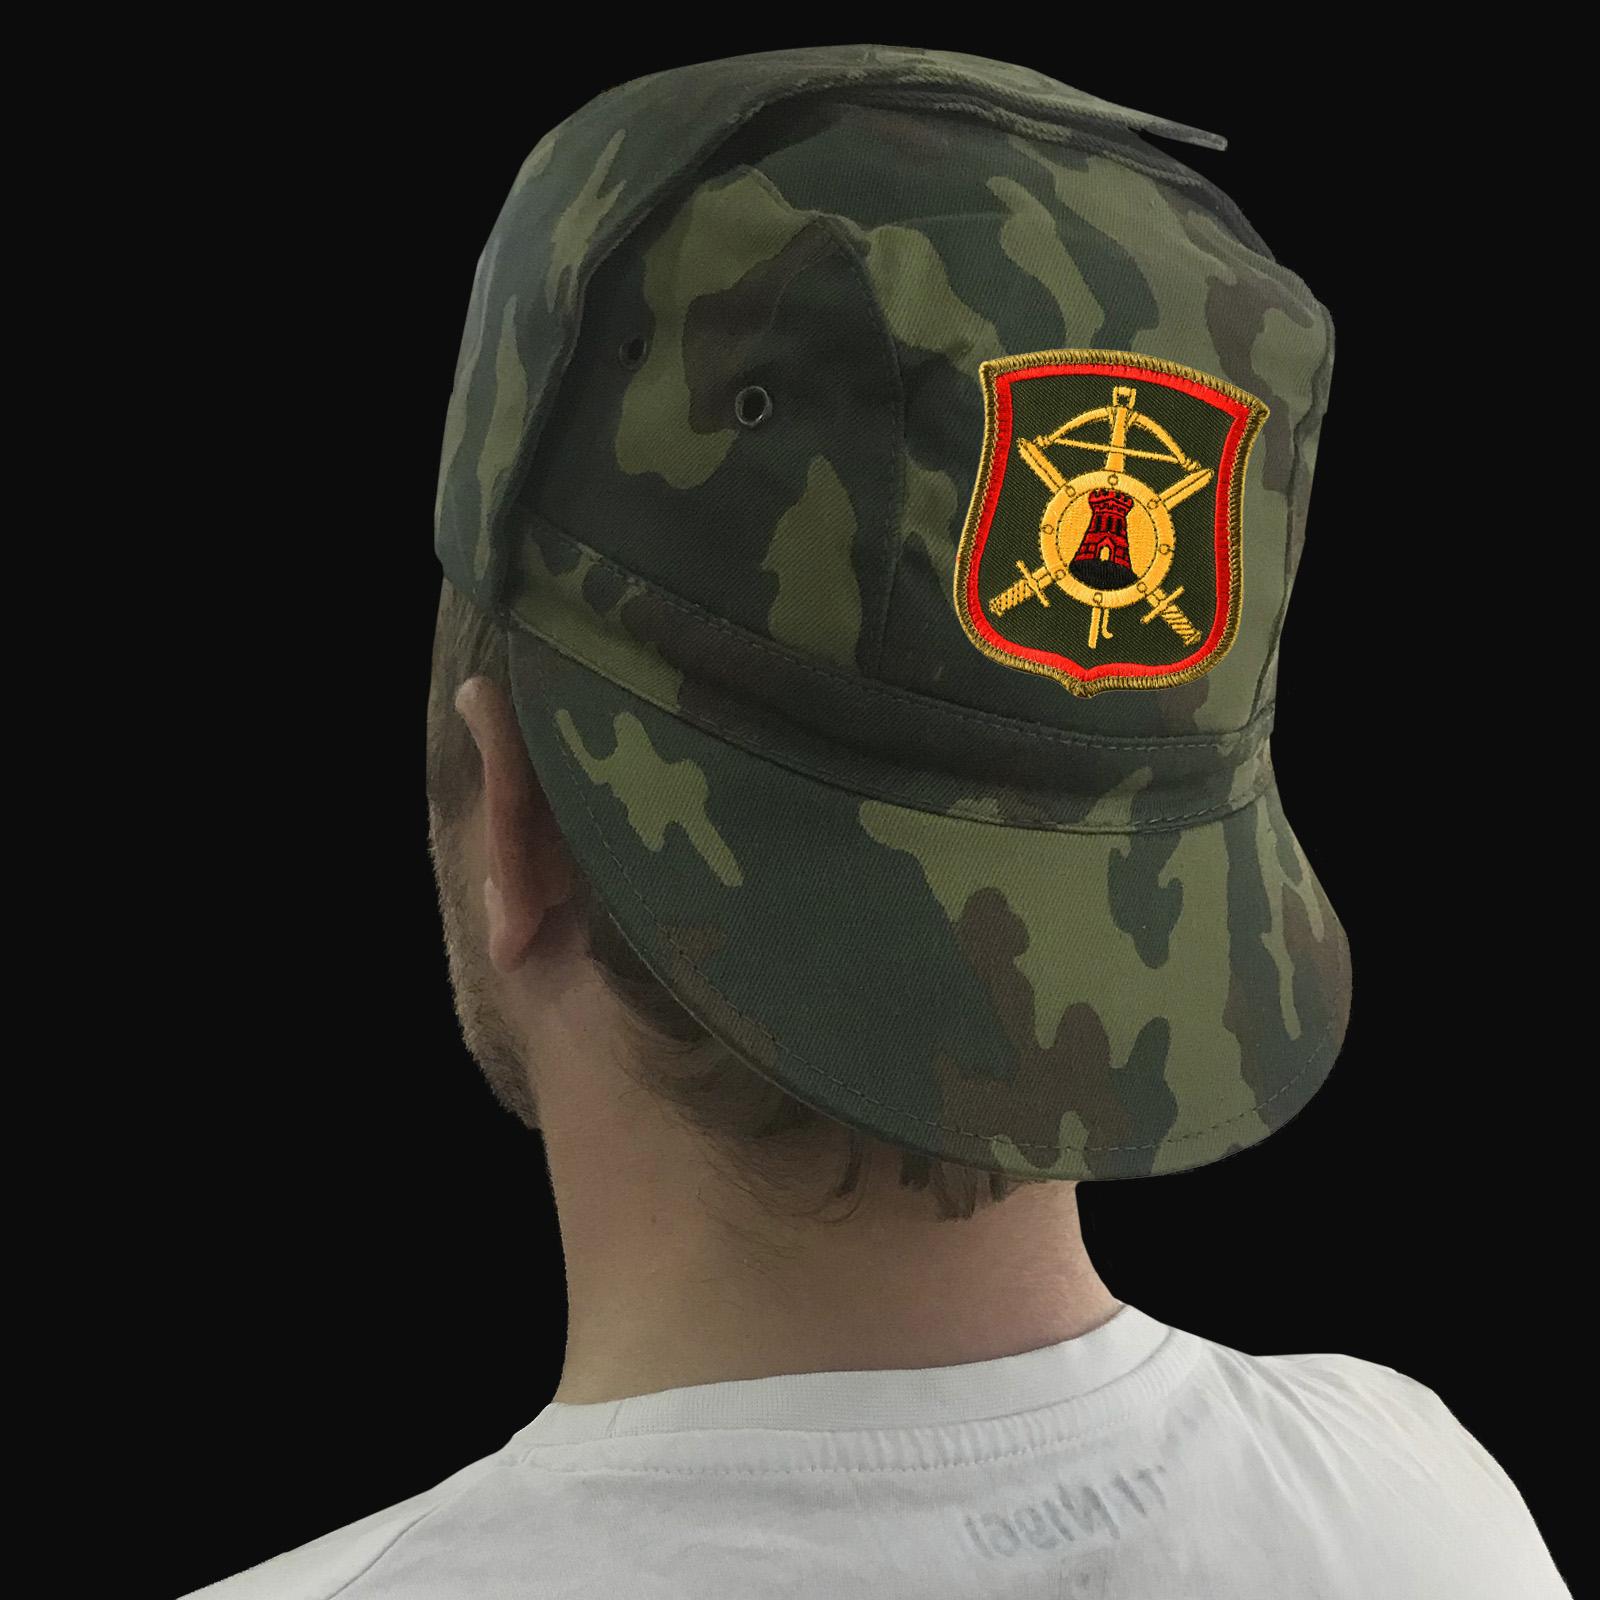 Товары с символикой РВСН: кепки, одежда, сувениры, награды, снаряжение